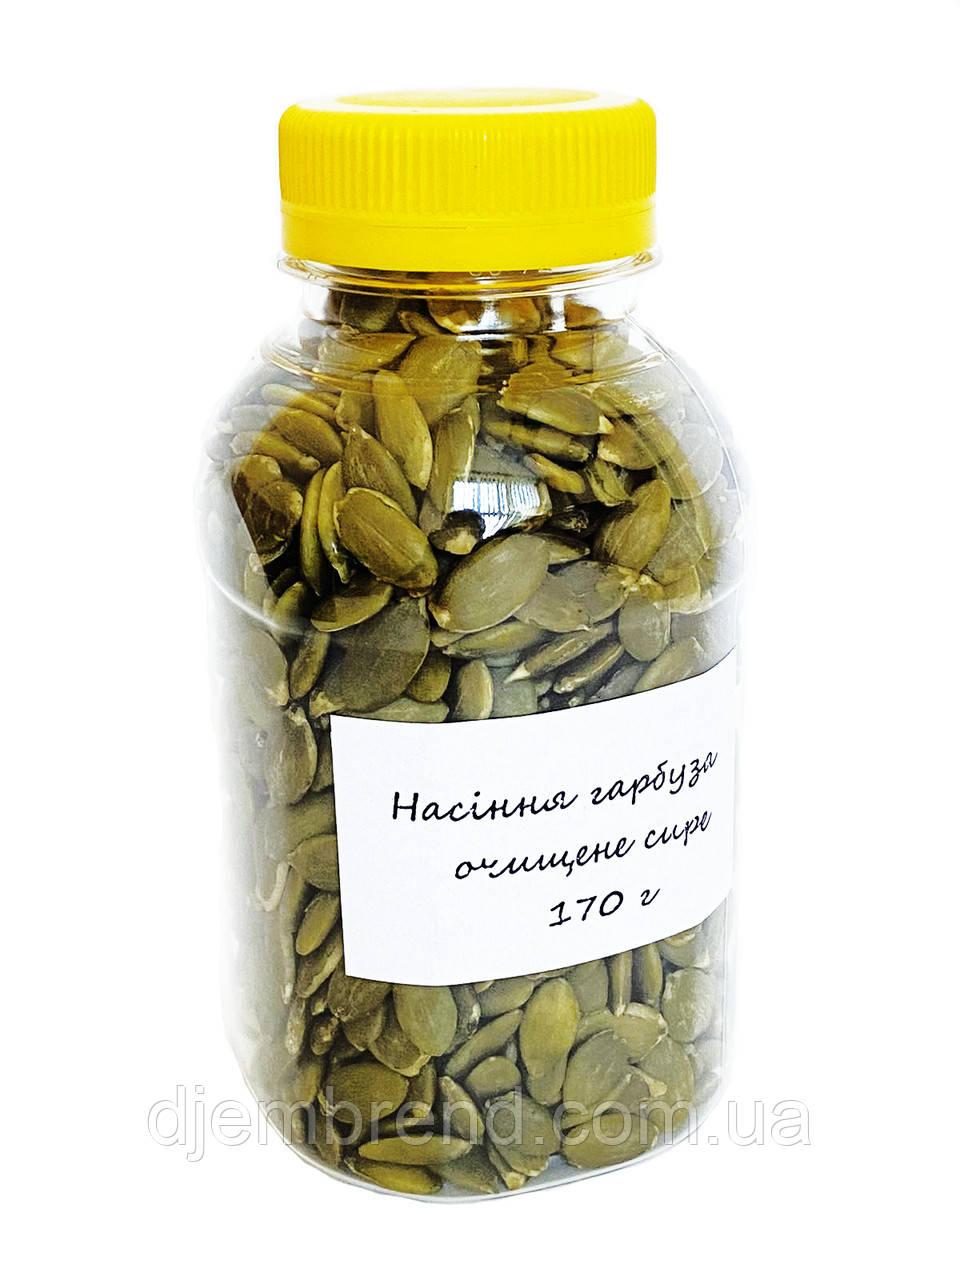 Тыквенные семечки очищенные сырые, 170 г